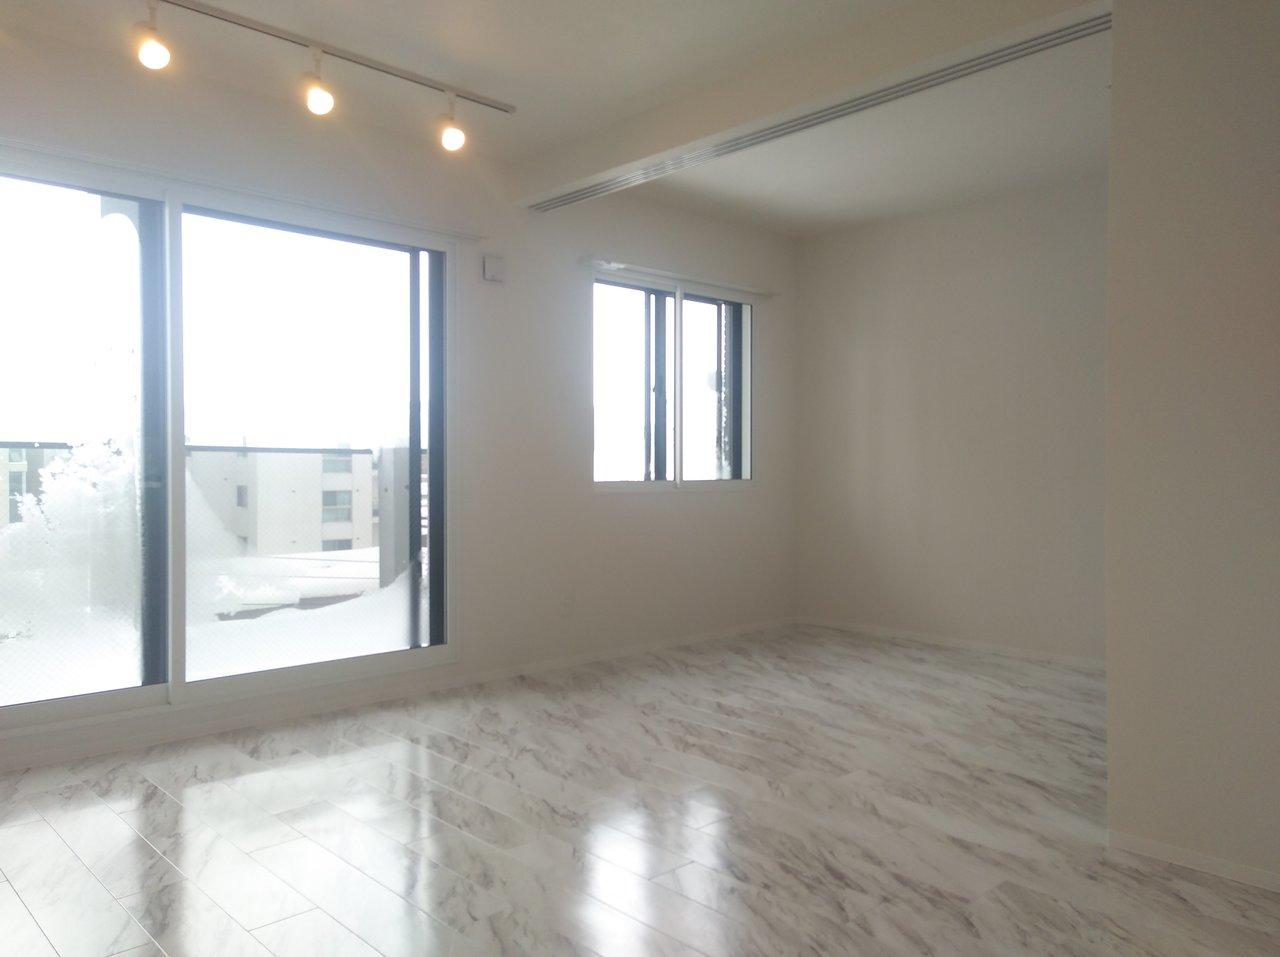 9畳の洋室と、6畳の寝室。引き戸を開け放せば、一気に15畳分の広さに!寝室も上手に魅せることができるなら、この方が開放感があって良さそうです。